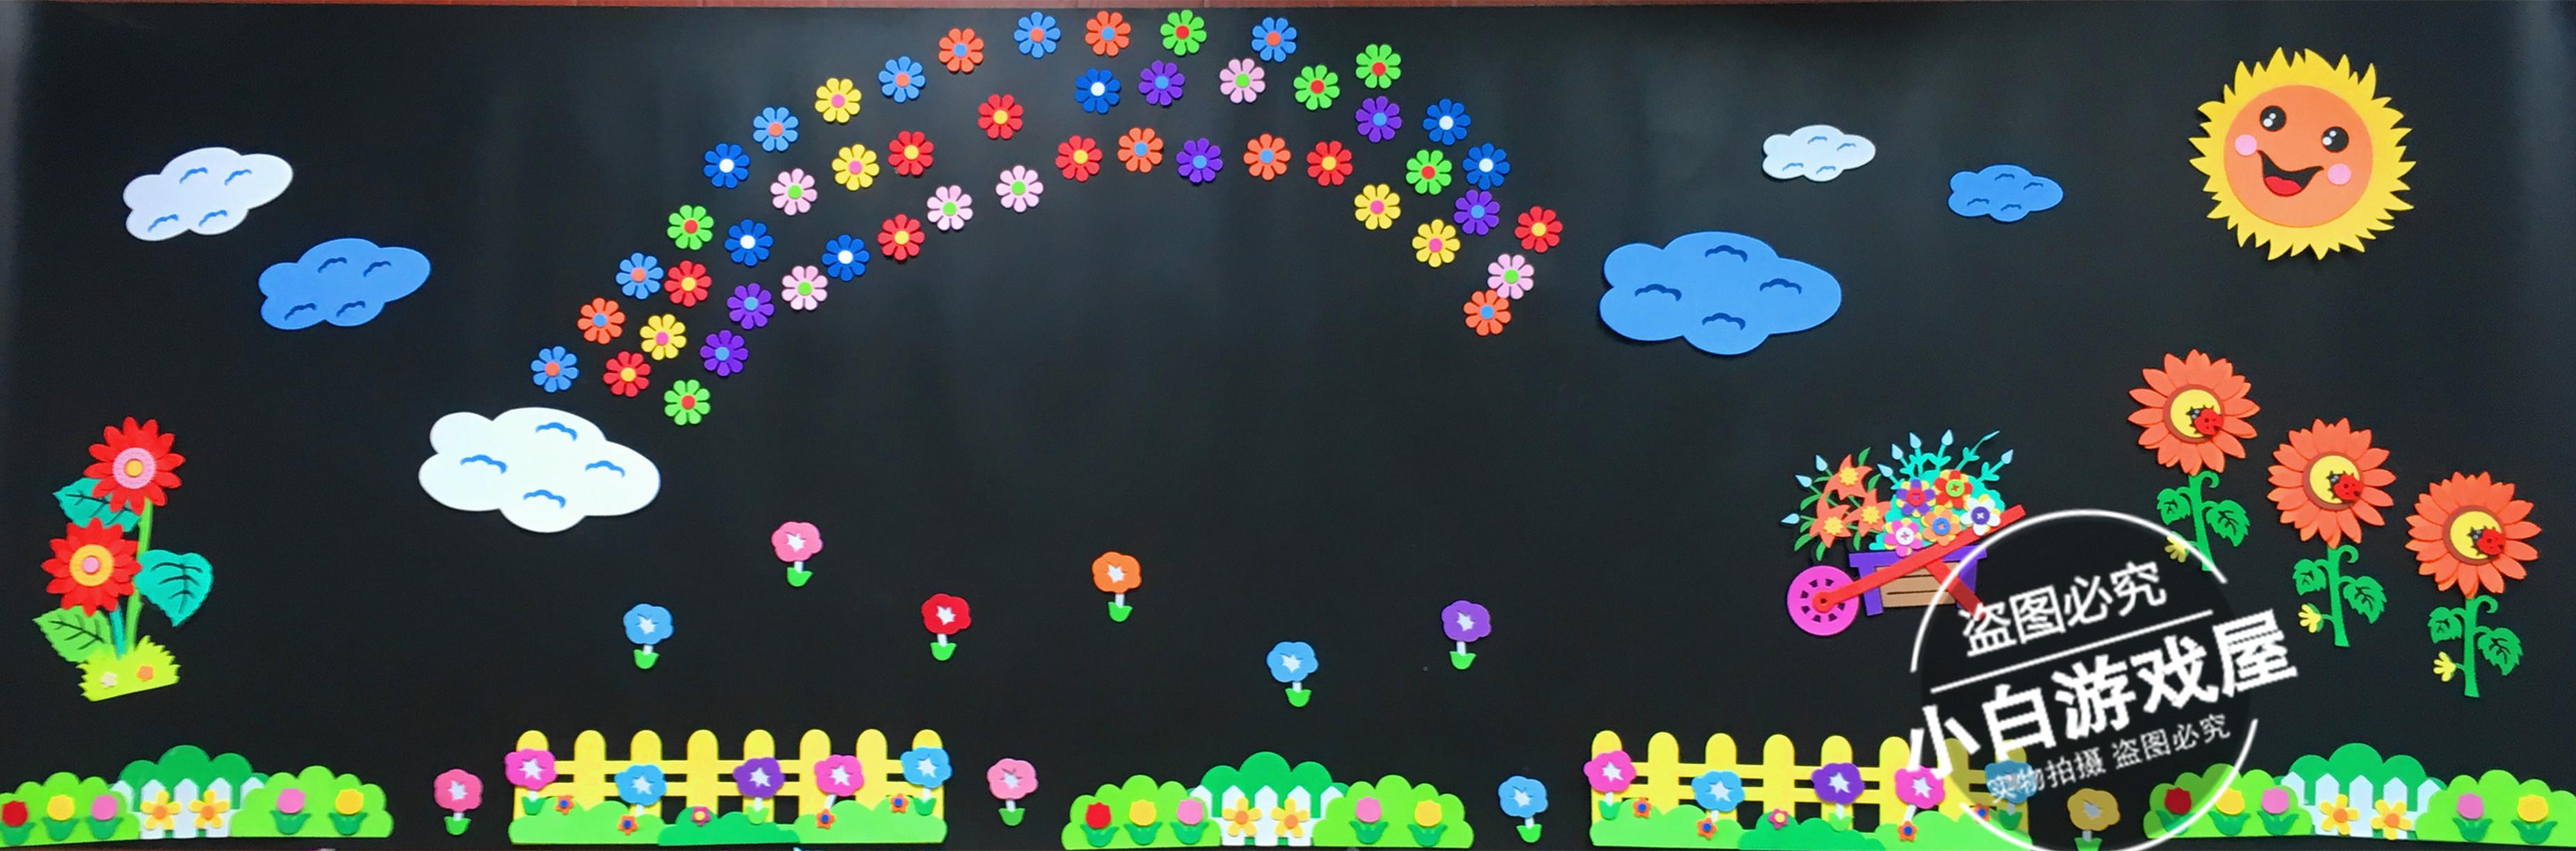 热卖幼儿园小学教室墙面环境布置材料墙黑板报泡沫围栏栅栏装饰品栏杆图片